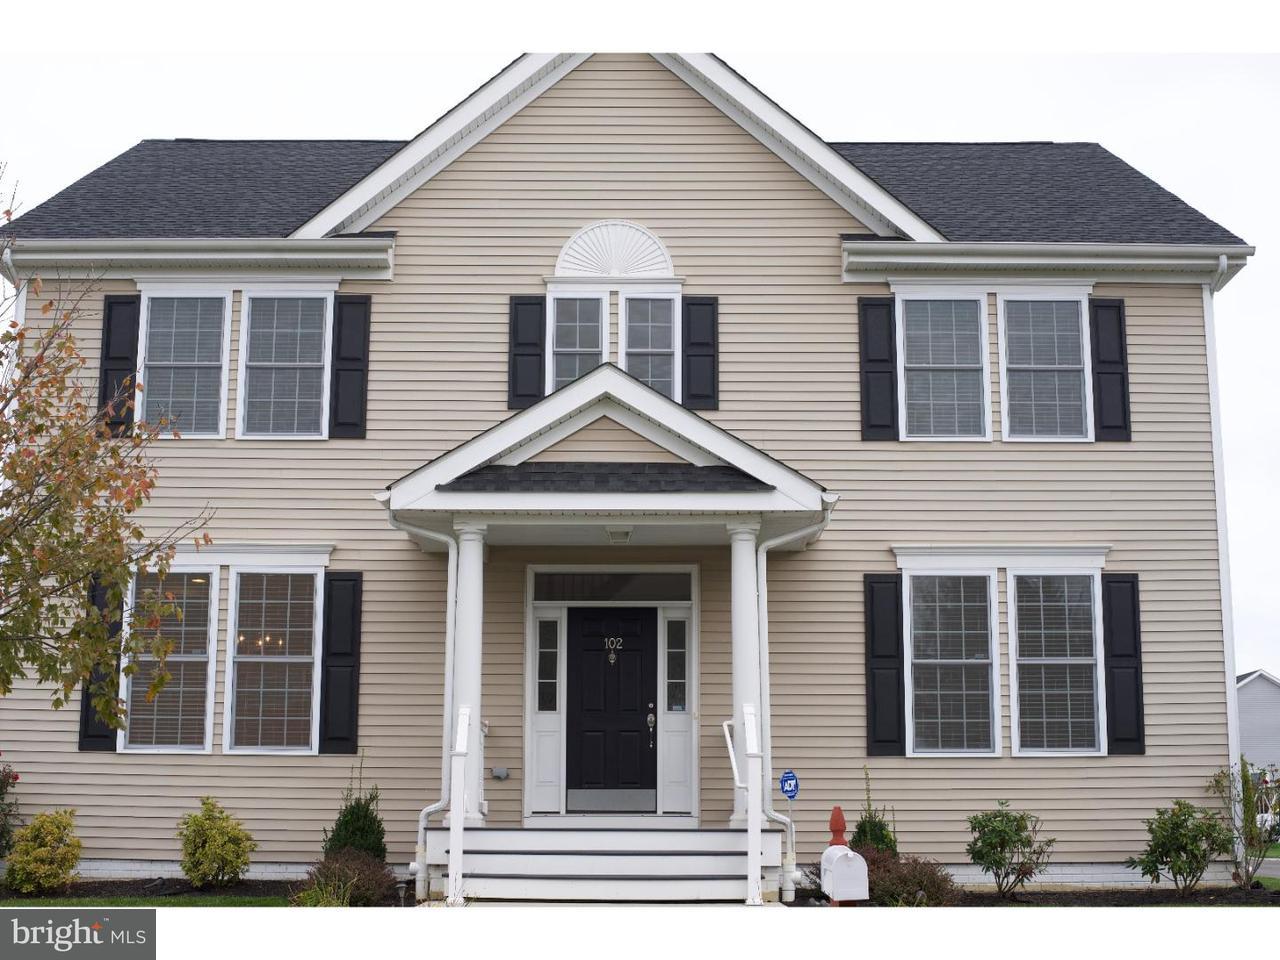 Maison unifamiliale pour l à louer à 102 ATSION WAY Chesterfield, New Jersey 08515 États-UnisDans/Autour: Chesterfield Township